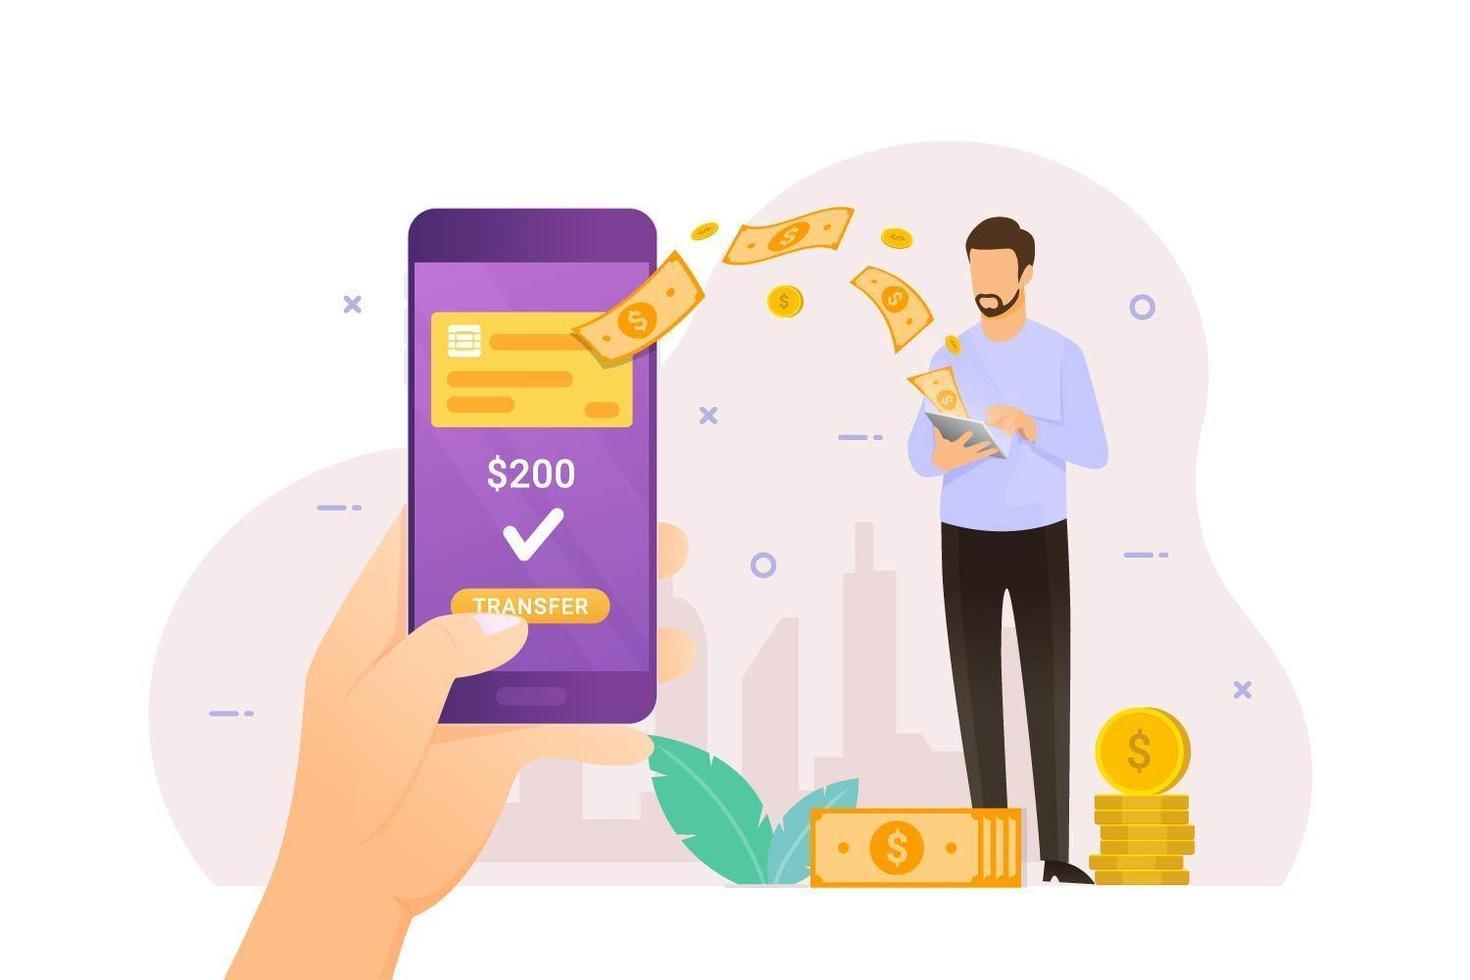 Teléfono de mano que recibe transferencia de dinero en línea vector